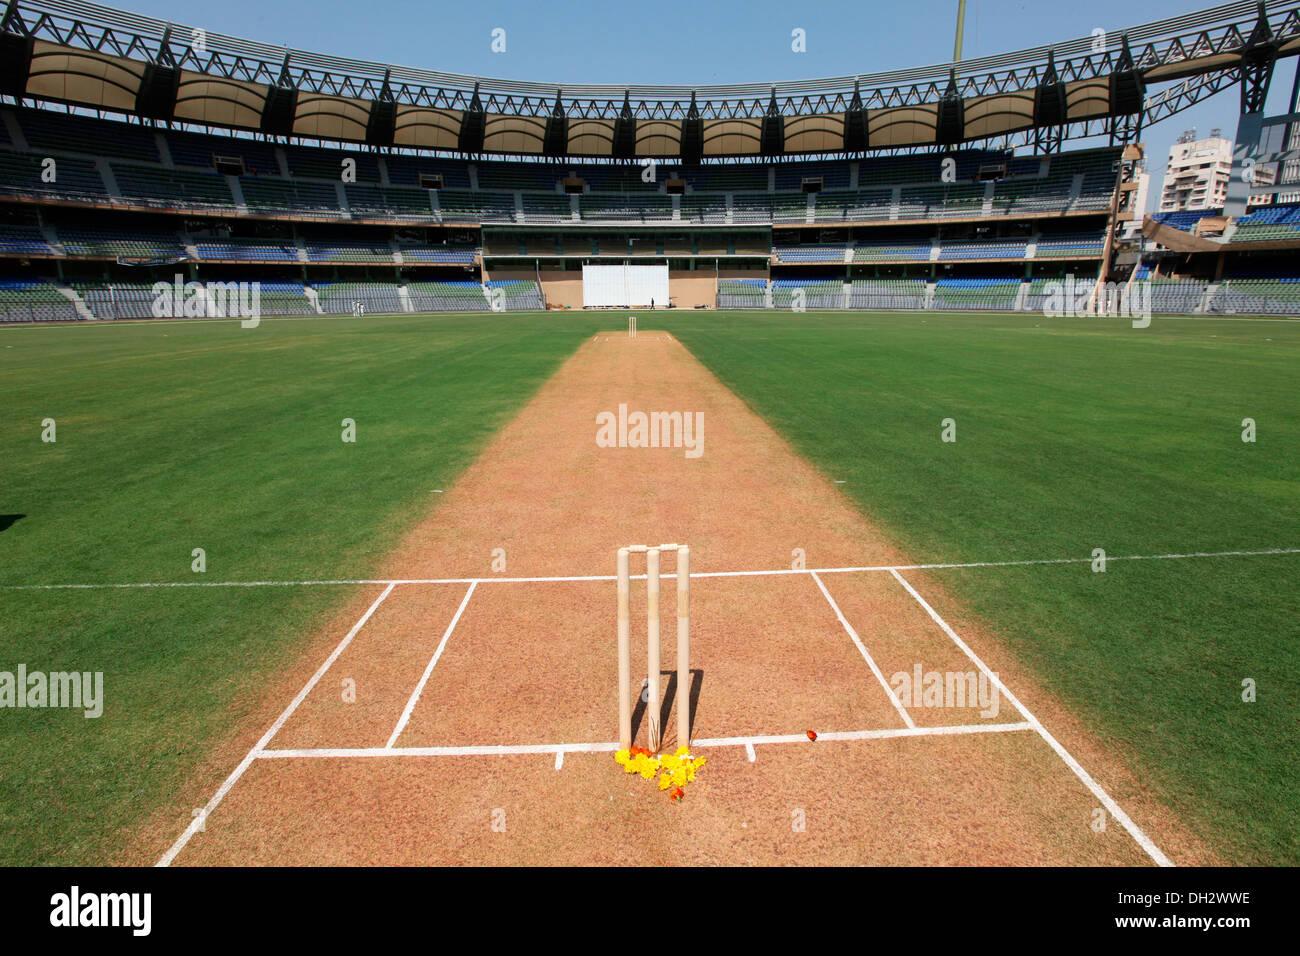 Les souches avec terrain de cricket Wankhede Stadium Mumbai Maharashtra Inde Asie Banque D'Images